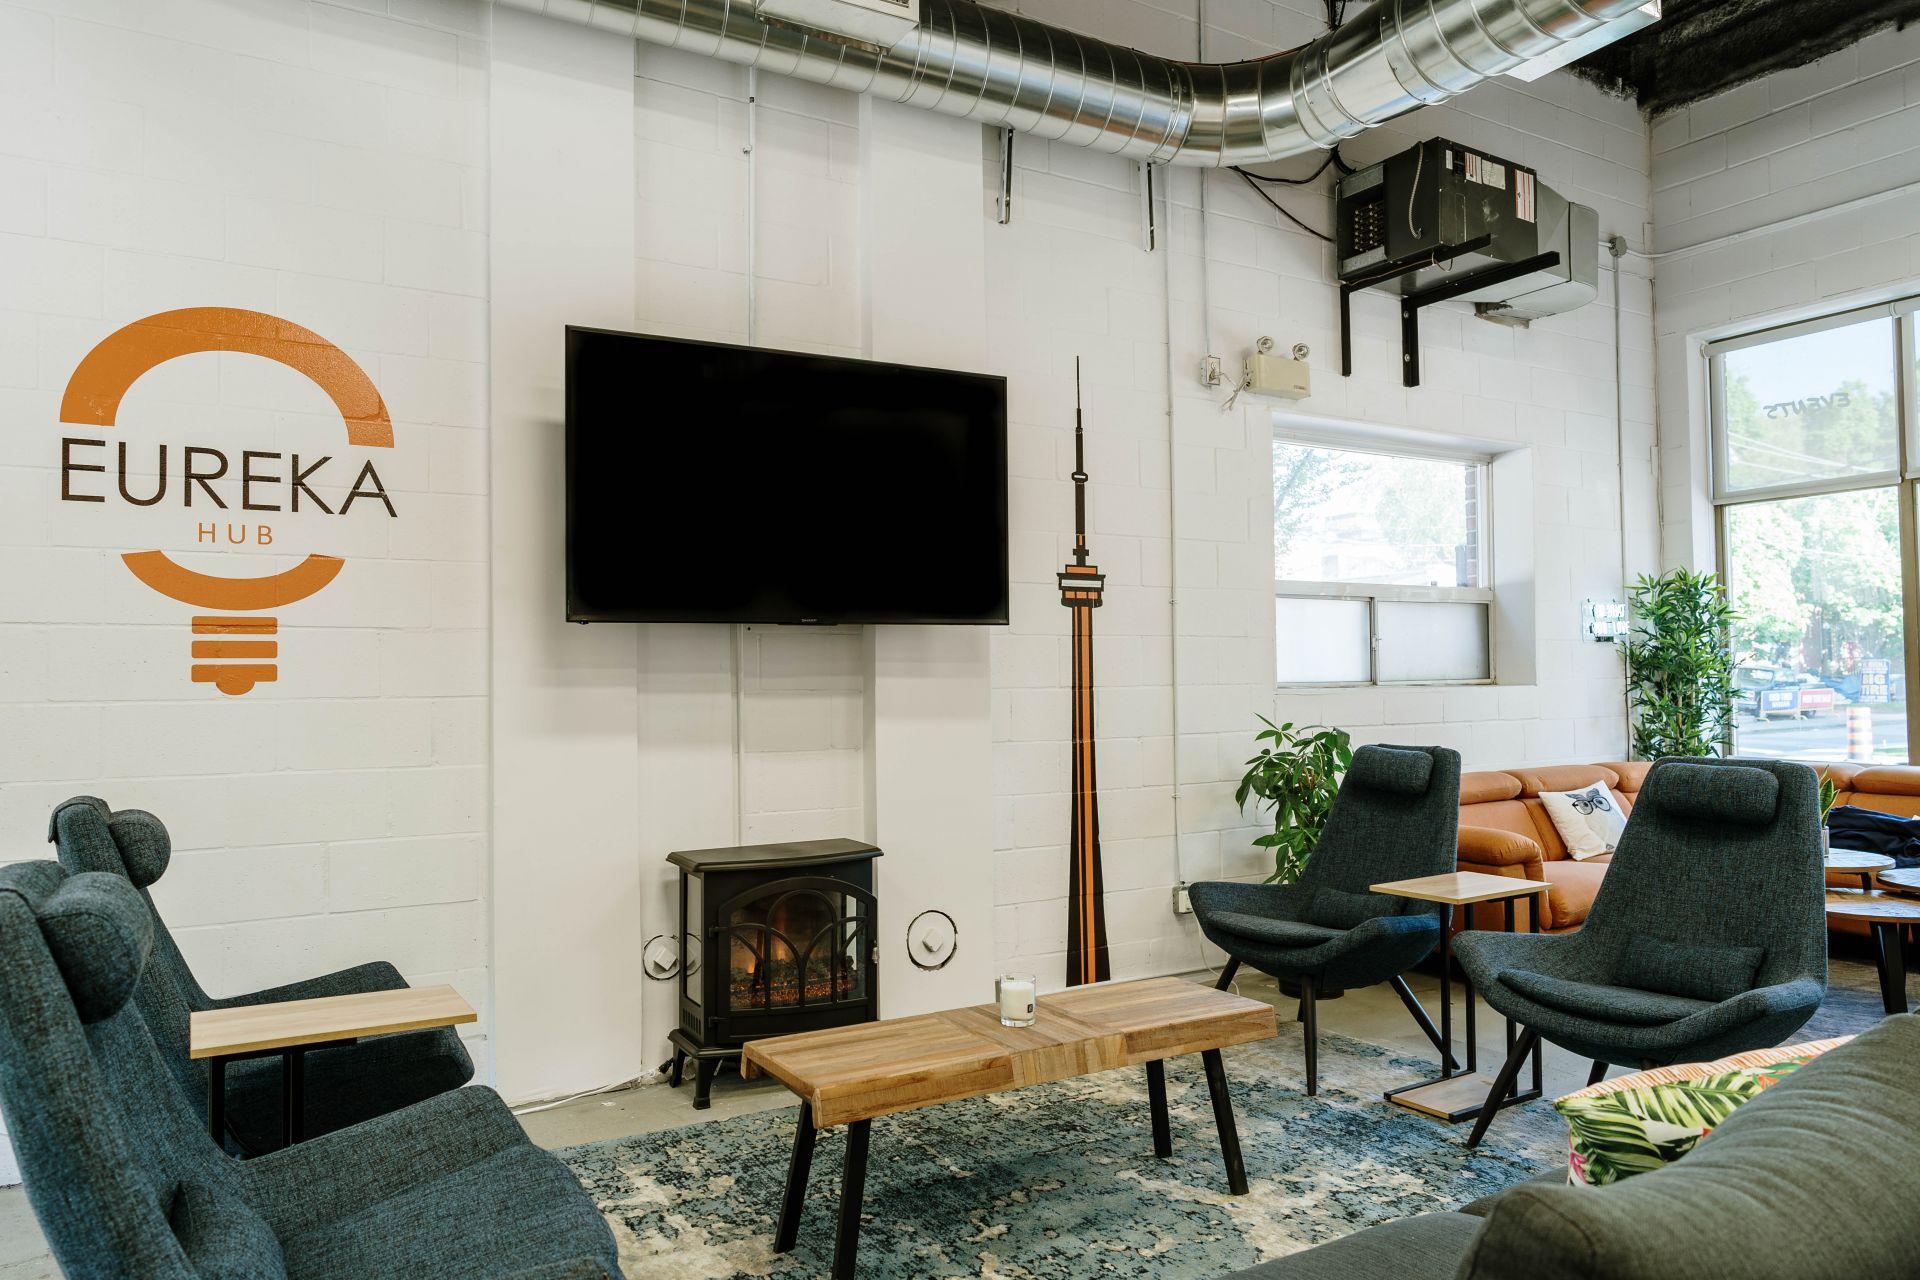 Eureka Hub, Toronto